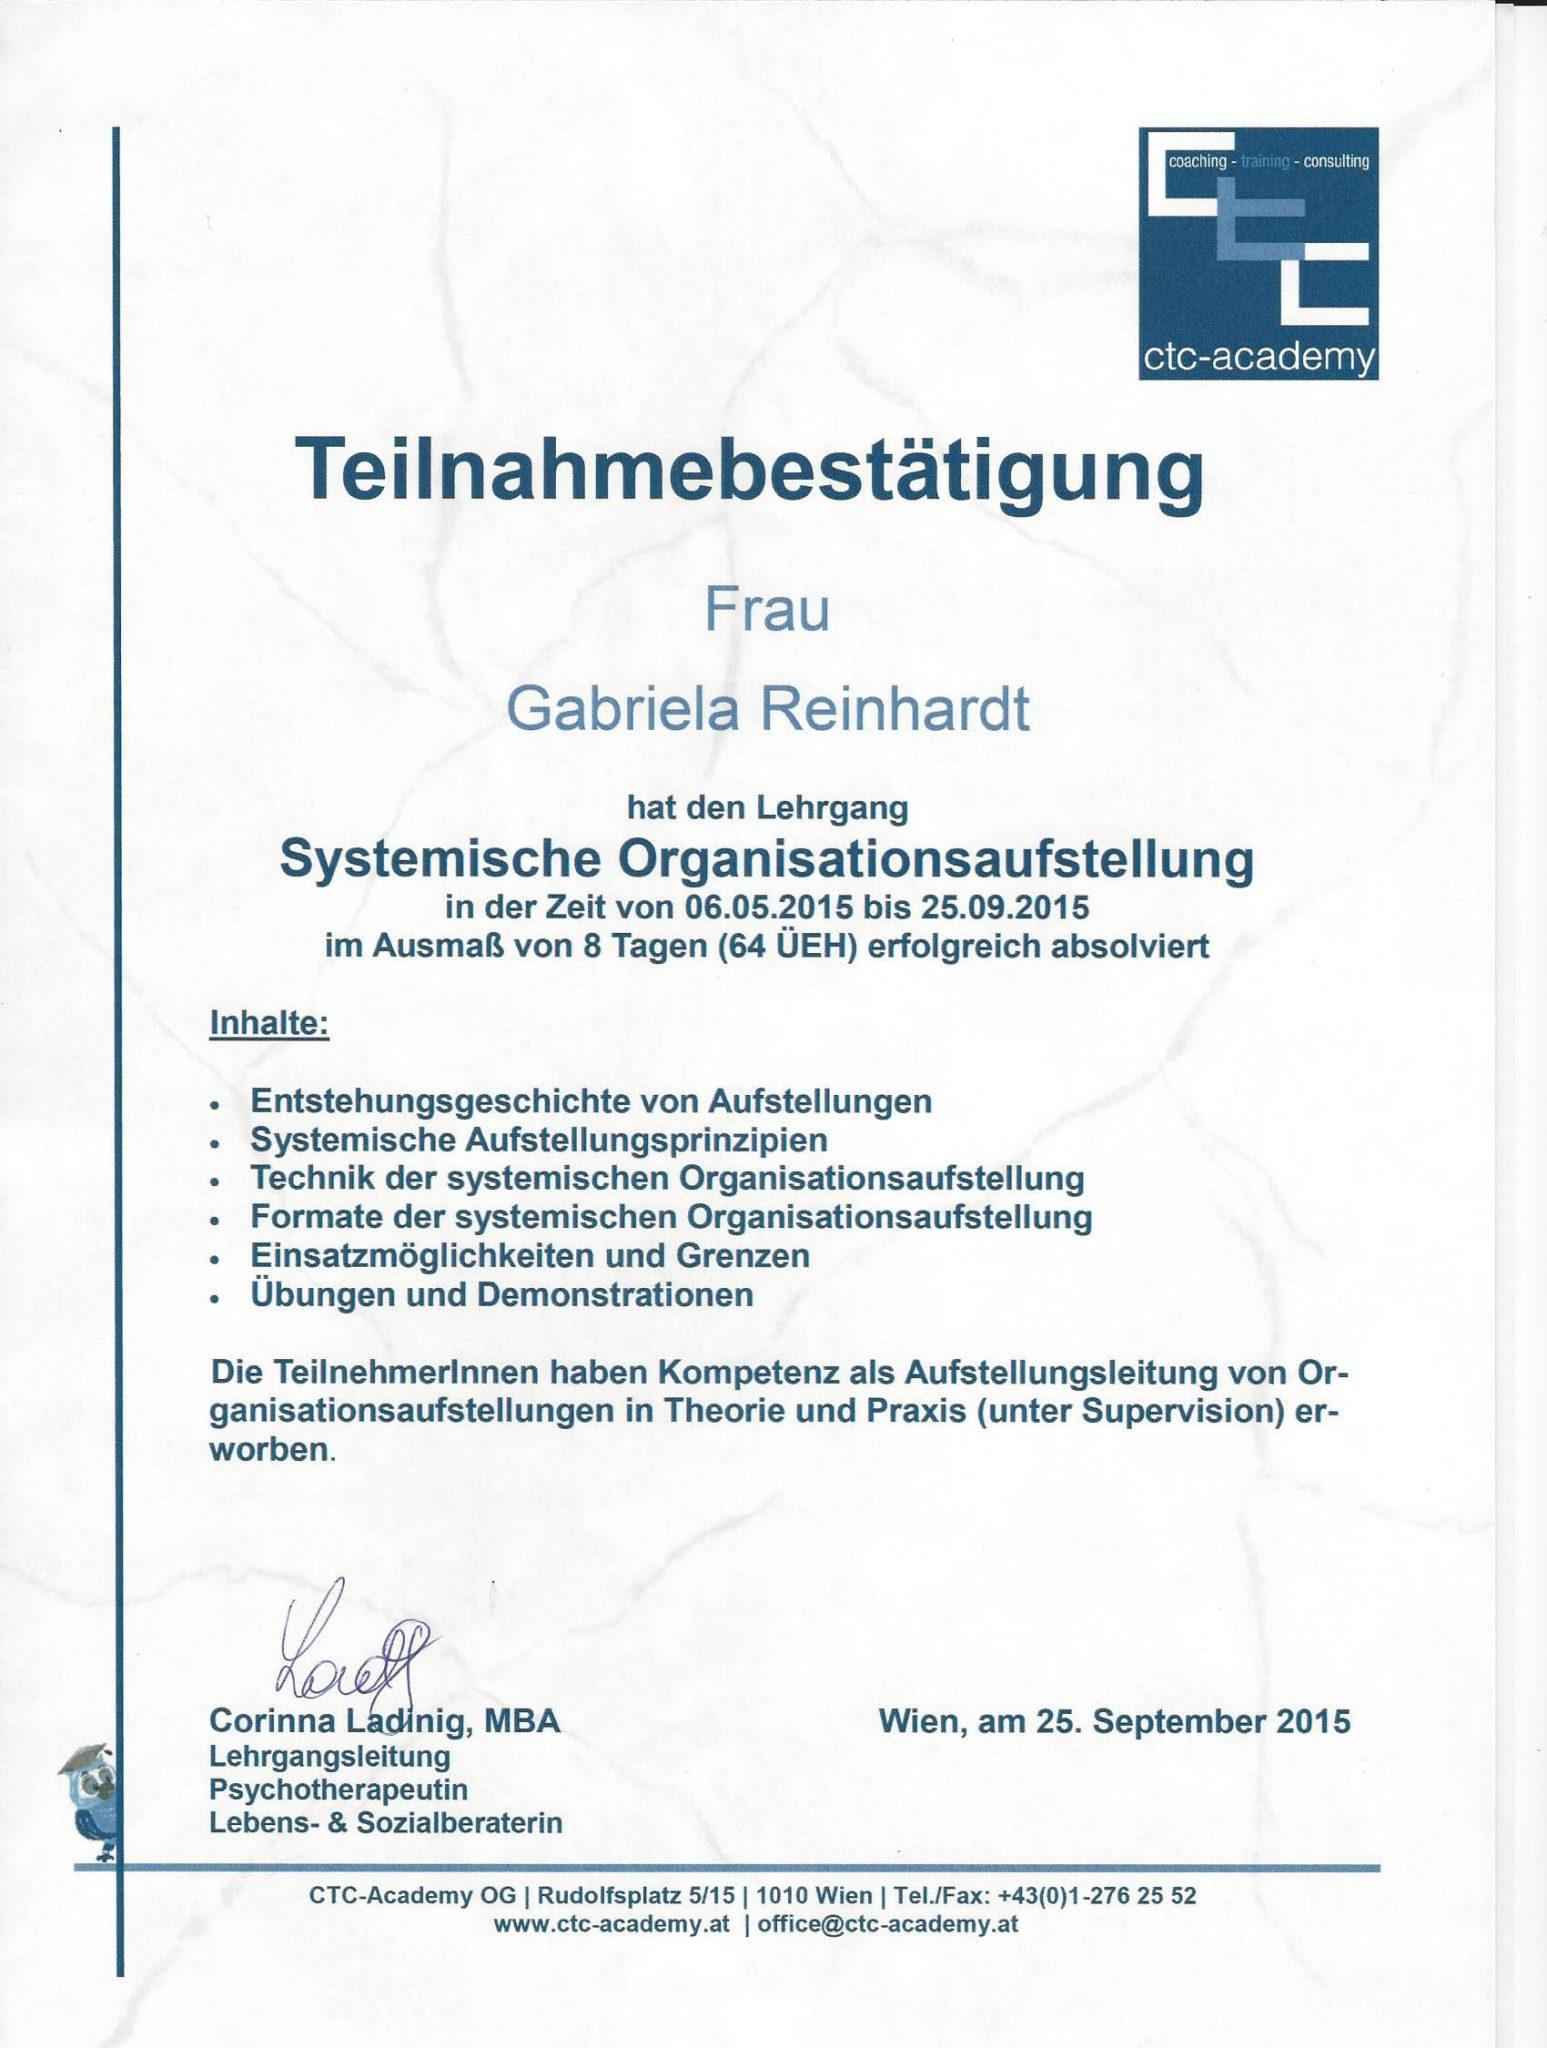 RGH-Consulting | Gabriela Reinhardt | Zertifikate |Zertifikat Systemische Organisationsaufstellung